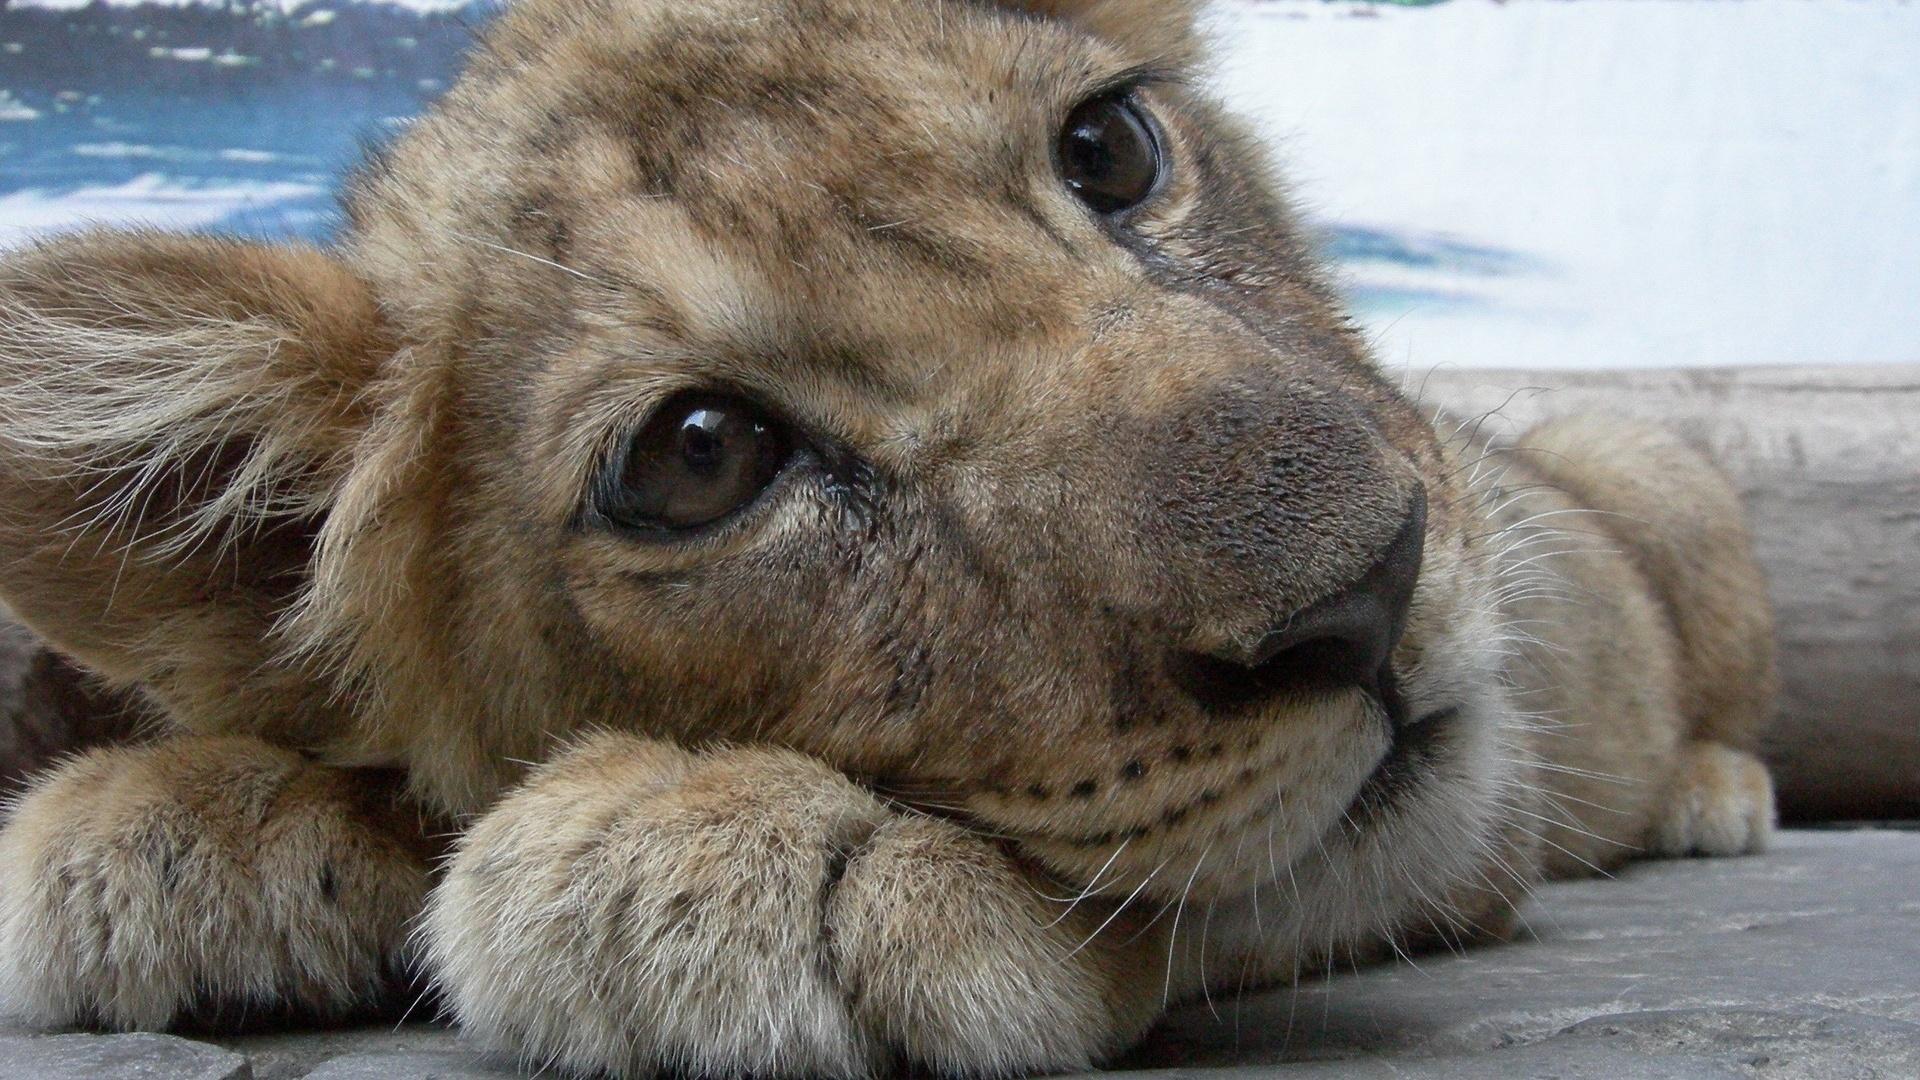 наверняка львица плачет картинки попробуем